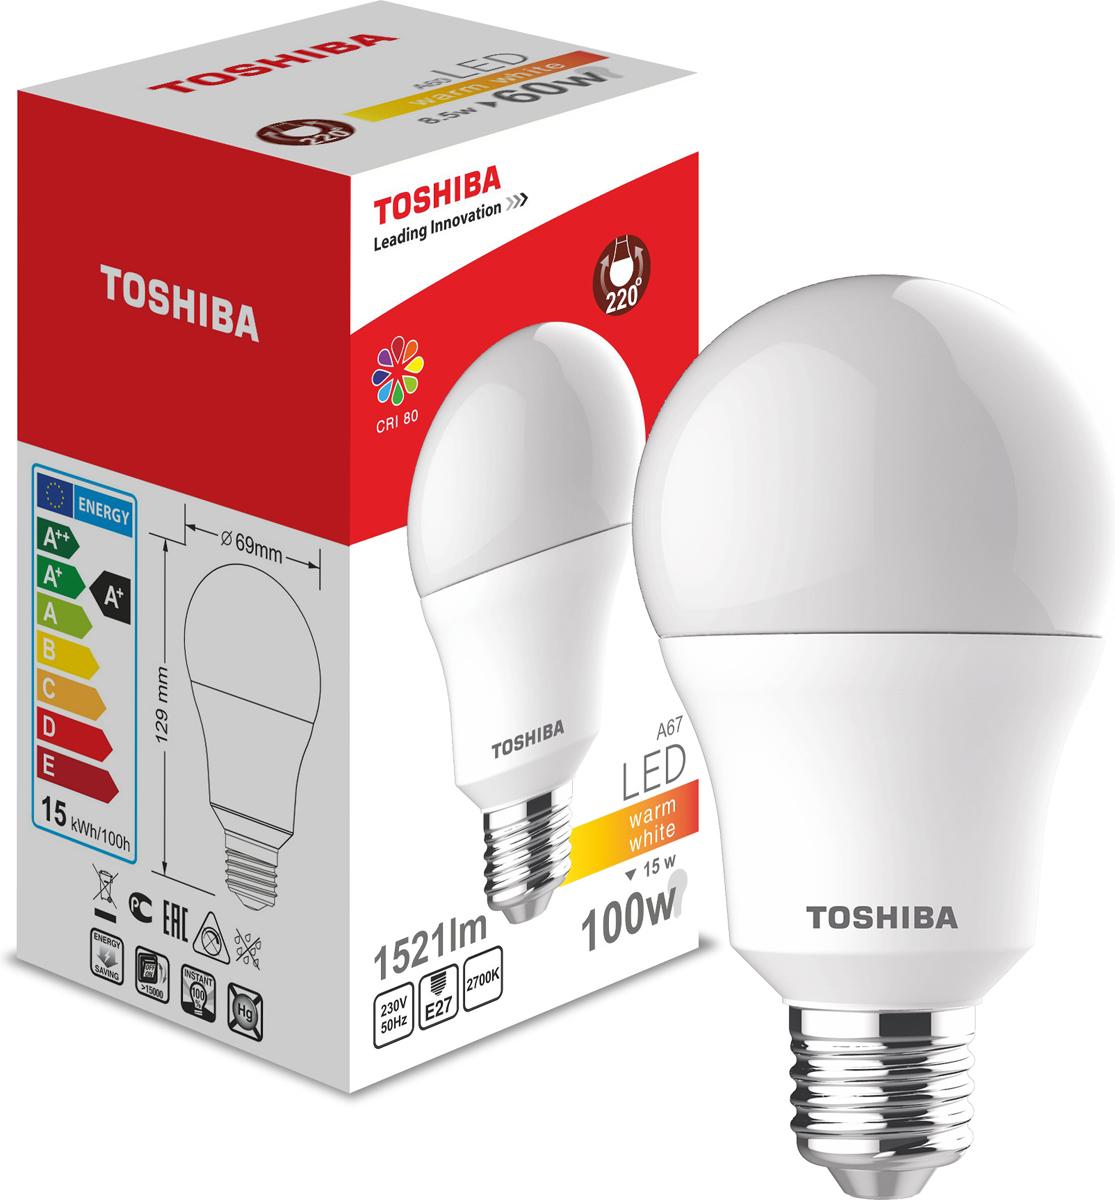 Лампа филаментная Toshiba, теплый свет, цоколь E27, 2,5W, 2700K. 101315031A101315031AФиламентные лампы, хоть и относятся к светодиодным, но и внешне, и конструктивно достаточно сильно от них отличаются. Несведущему человеку вообще может показаться, что это обычная лампа накаливания, только немного со странностями. На самом деле филаментные светодиодные лампы объединили лучшие качества привычных нам лампочек Ильича и современных led-ламп. Результат получился интересный, экономичный, экологичный и глазу весьма приятный. Филамент – основной функциональный элемент такой лампы, представляет собой светодиодную полоску особой конструкции. Внешним видом филаменты напоминают нить, потому некоторые так их и называют – лампочки на светодиодных нитях.